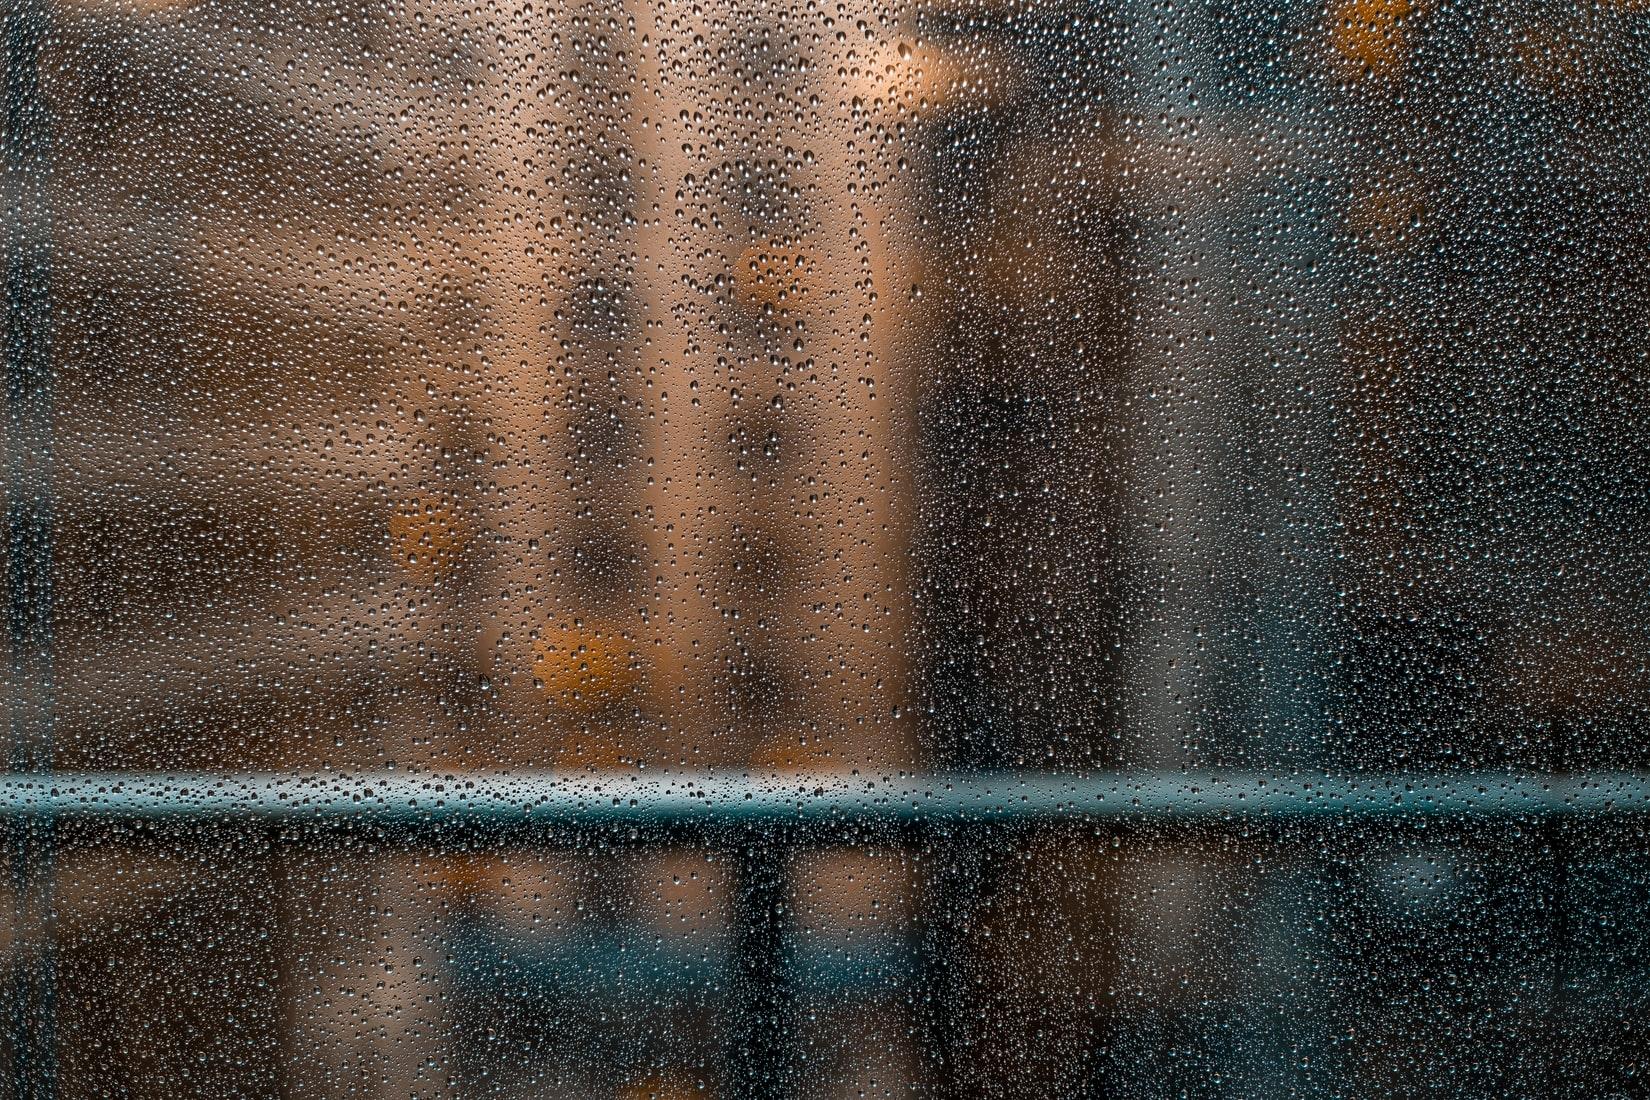 :雨音が登場する映画